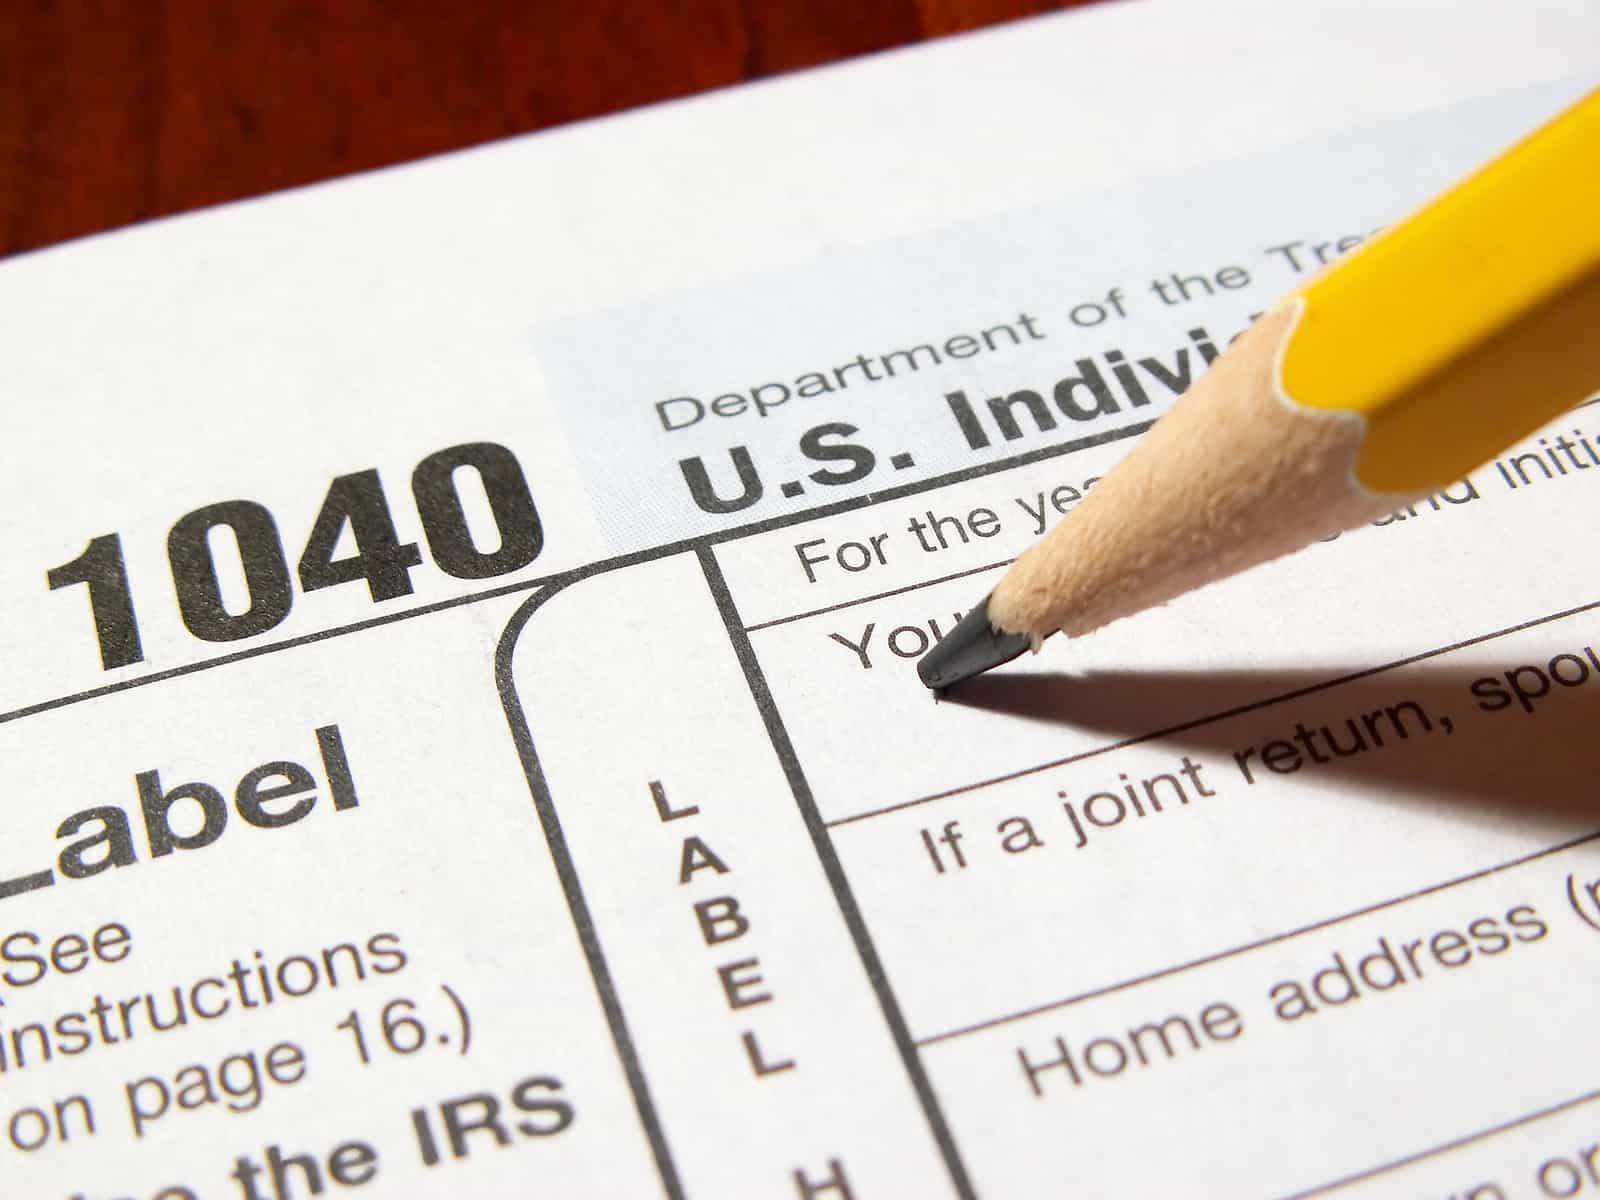 1040 US taxes